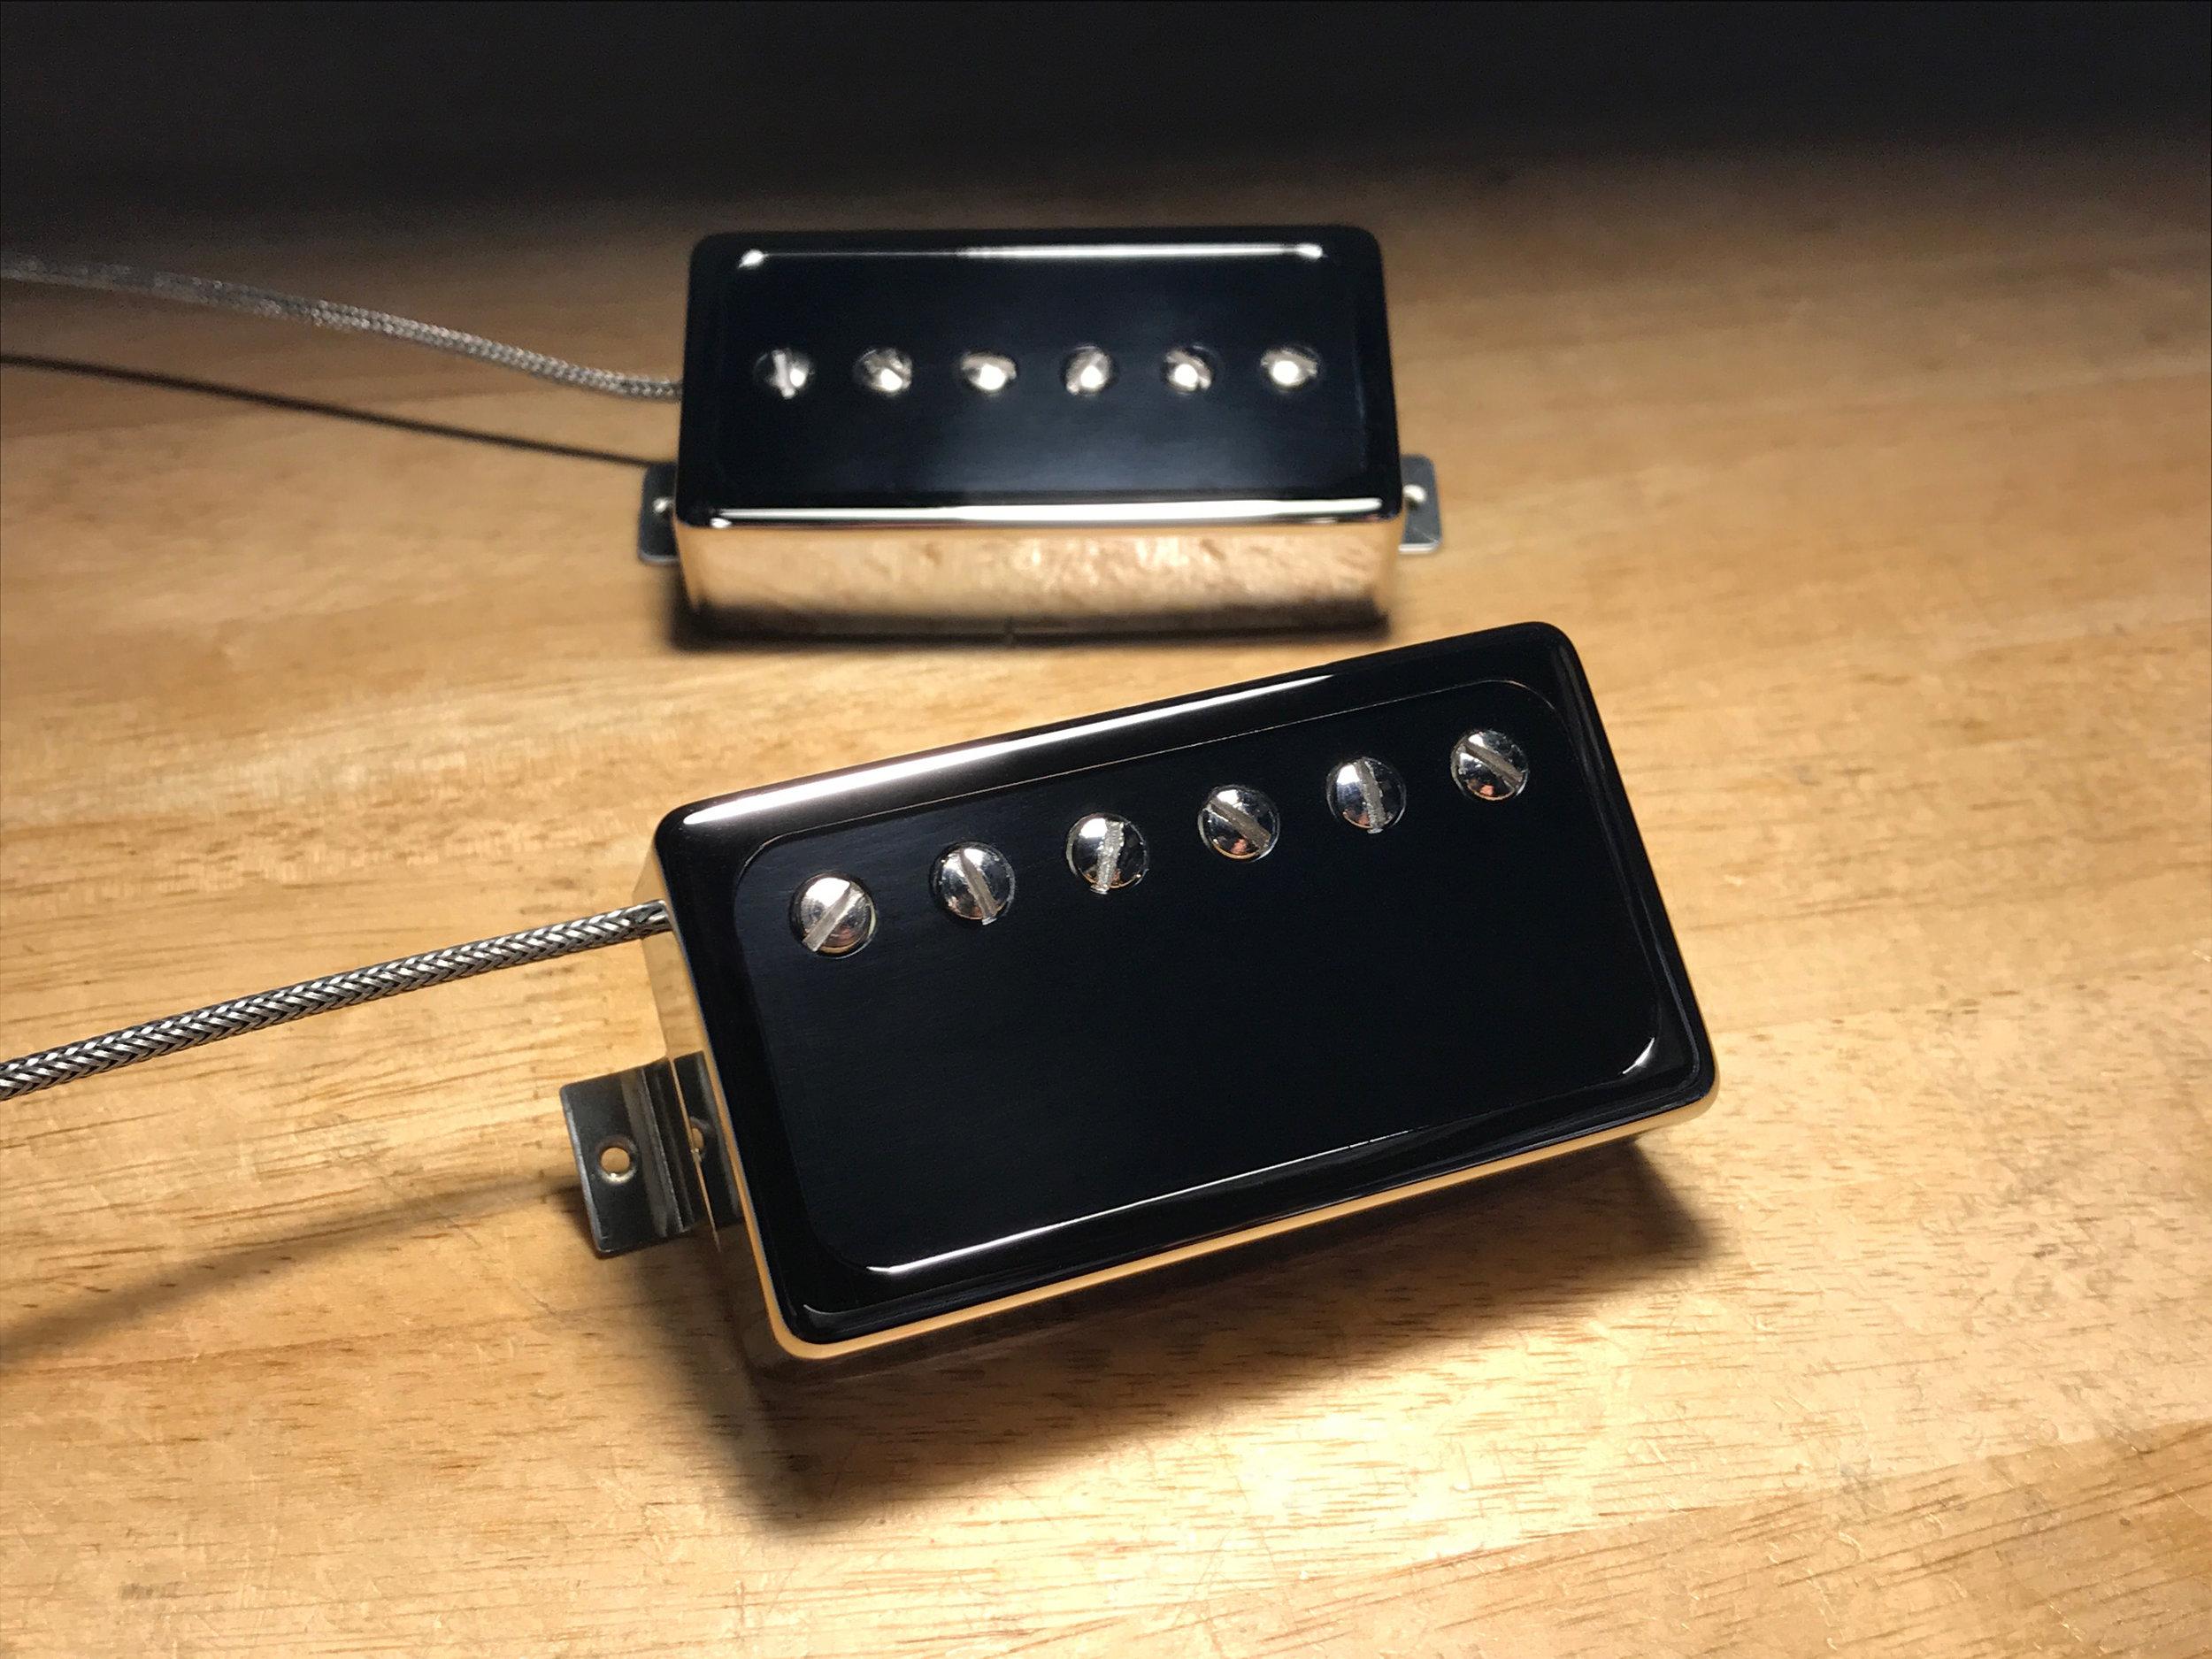 Power90-MagnetoDesignLab-P90-Guitar-Pickup-Black-Insert.jpg